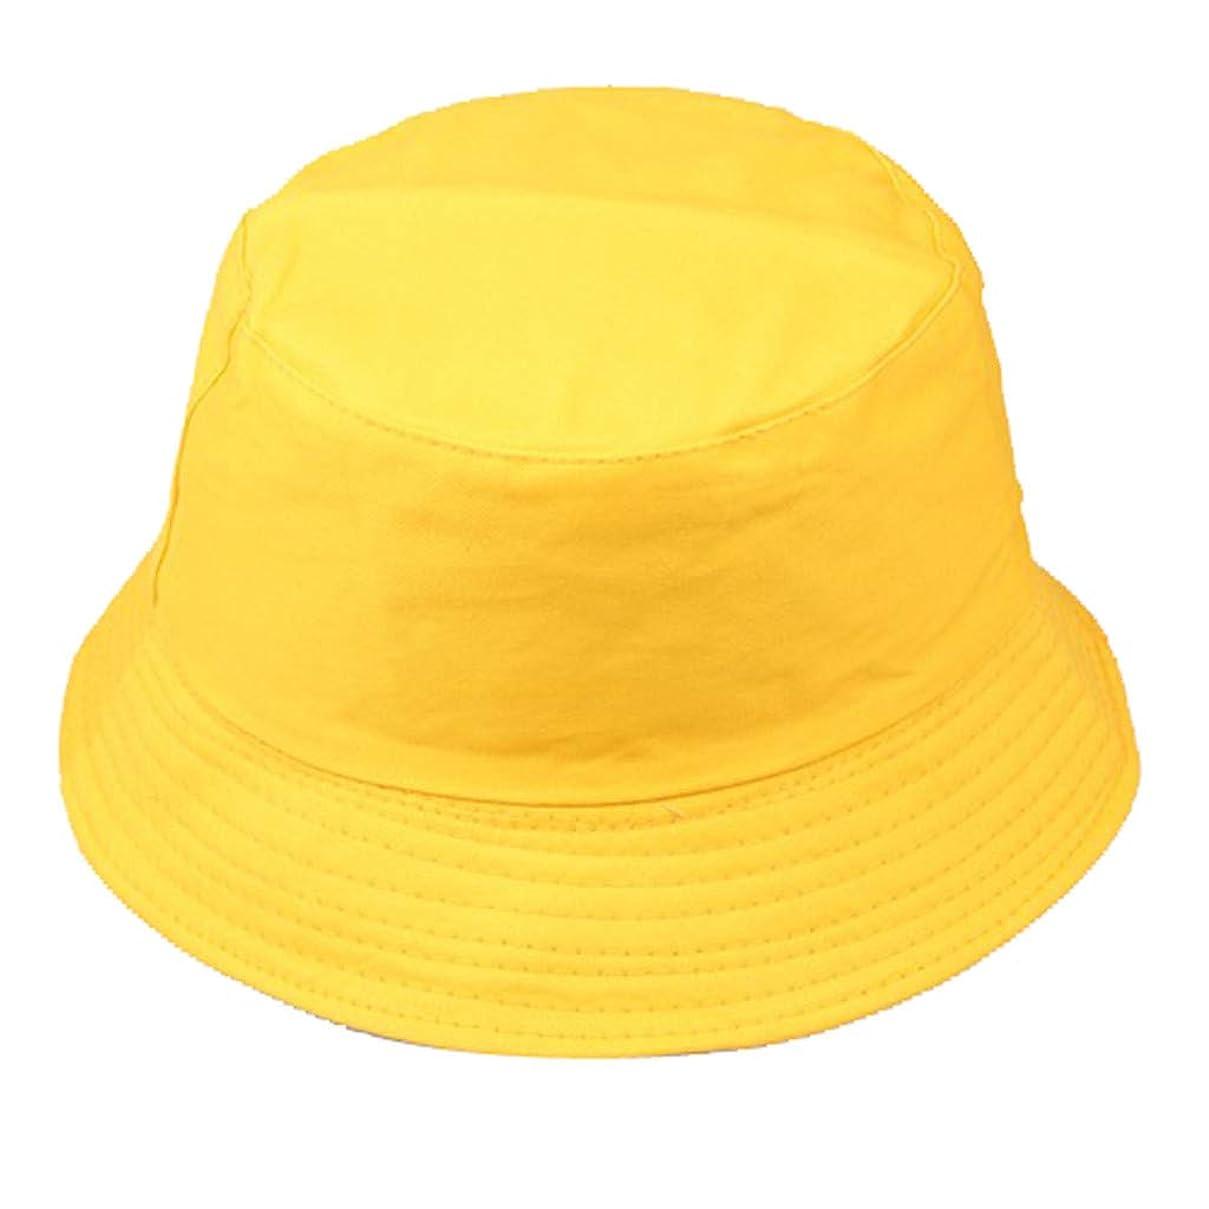 リクルートメンバー創造帽子 レディース 漁師帽 つば広 UVカット 熱中症 夏 海 紫外線 日除け レディース 帽子 キャップ ハット レディース 漁師の帽子 小顔効果抜群 アウトドア 紫外線対策 日焼け対策 ハット 調整テープ ROSE ROMAN